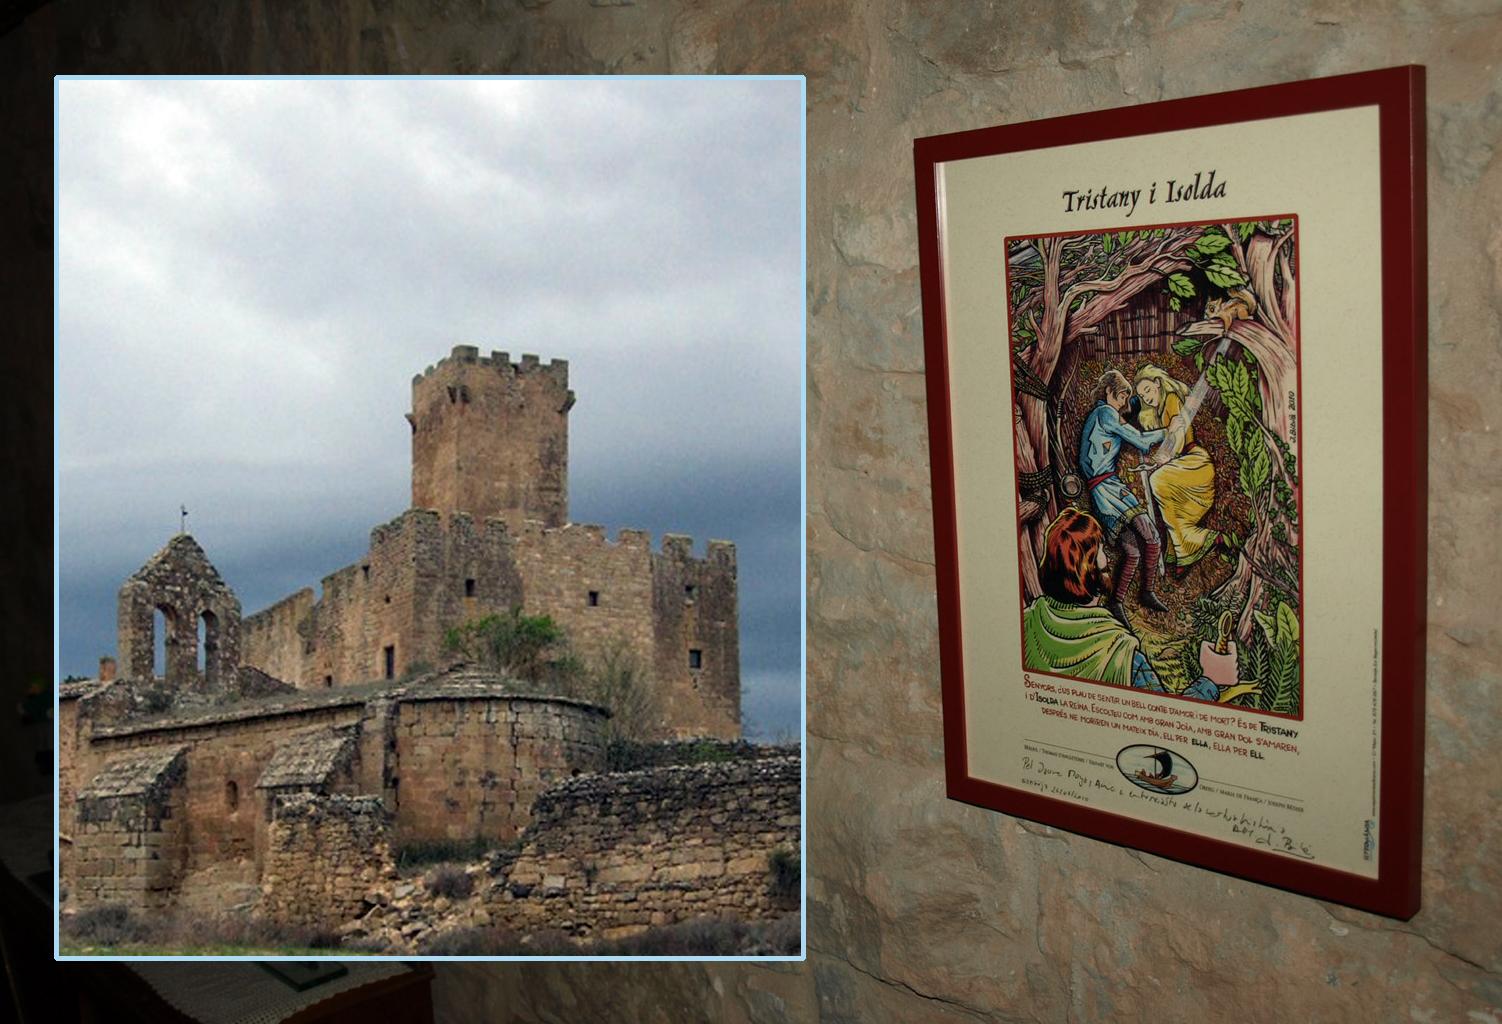 03.12.2017 El meu pòster de Tristany i Isolda al castell.  Castell de les Sitges. La Segarra. -  Jordi Bibià